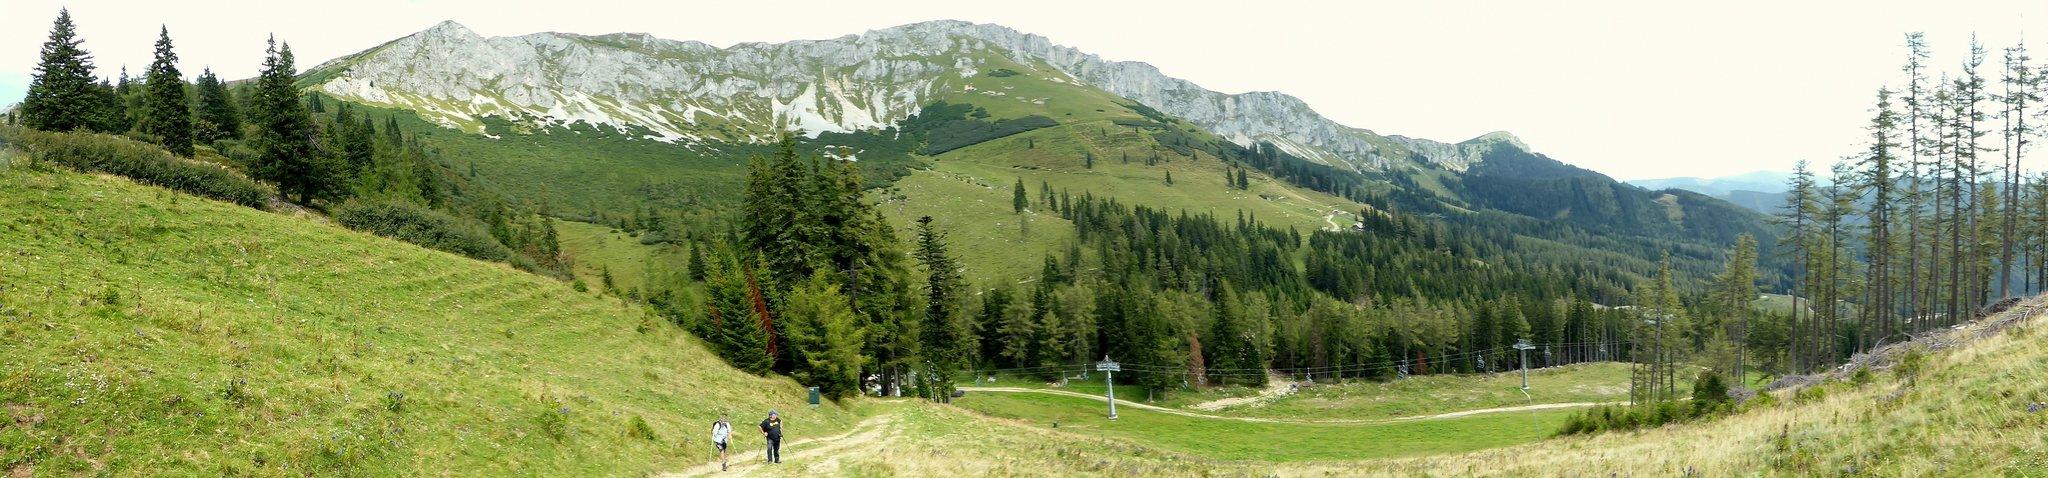 Sehenswrdigkeiten in Veitsch - bersicht aller - RouteYou